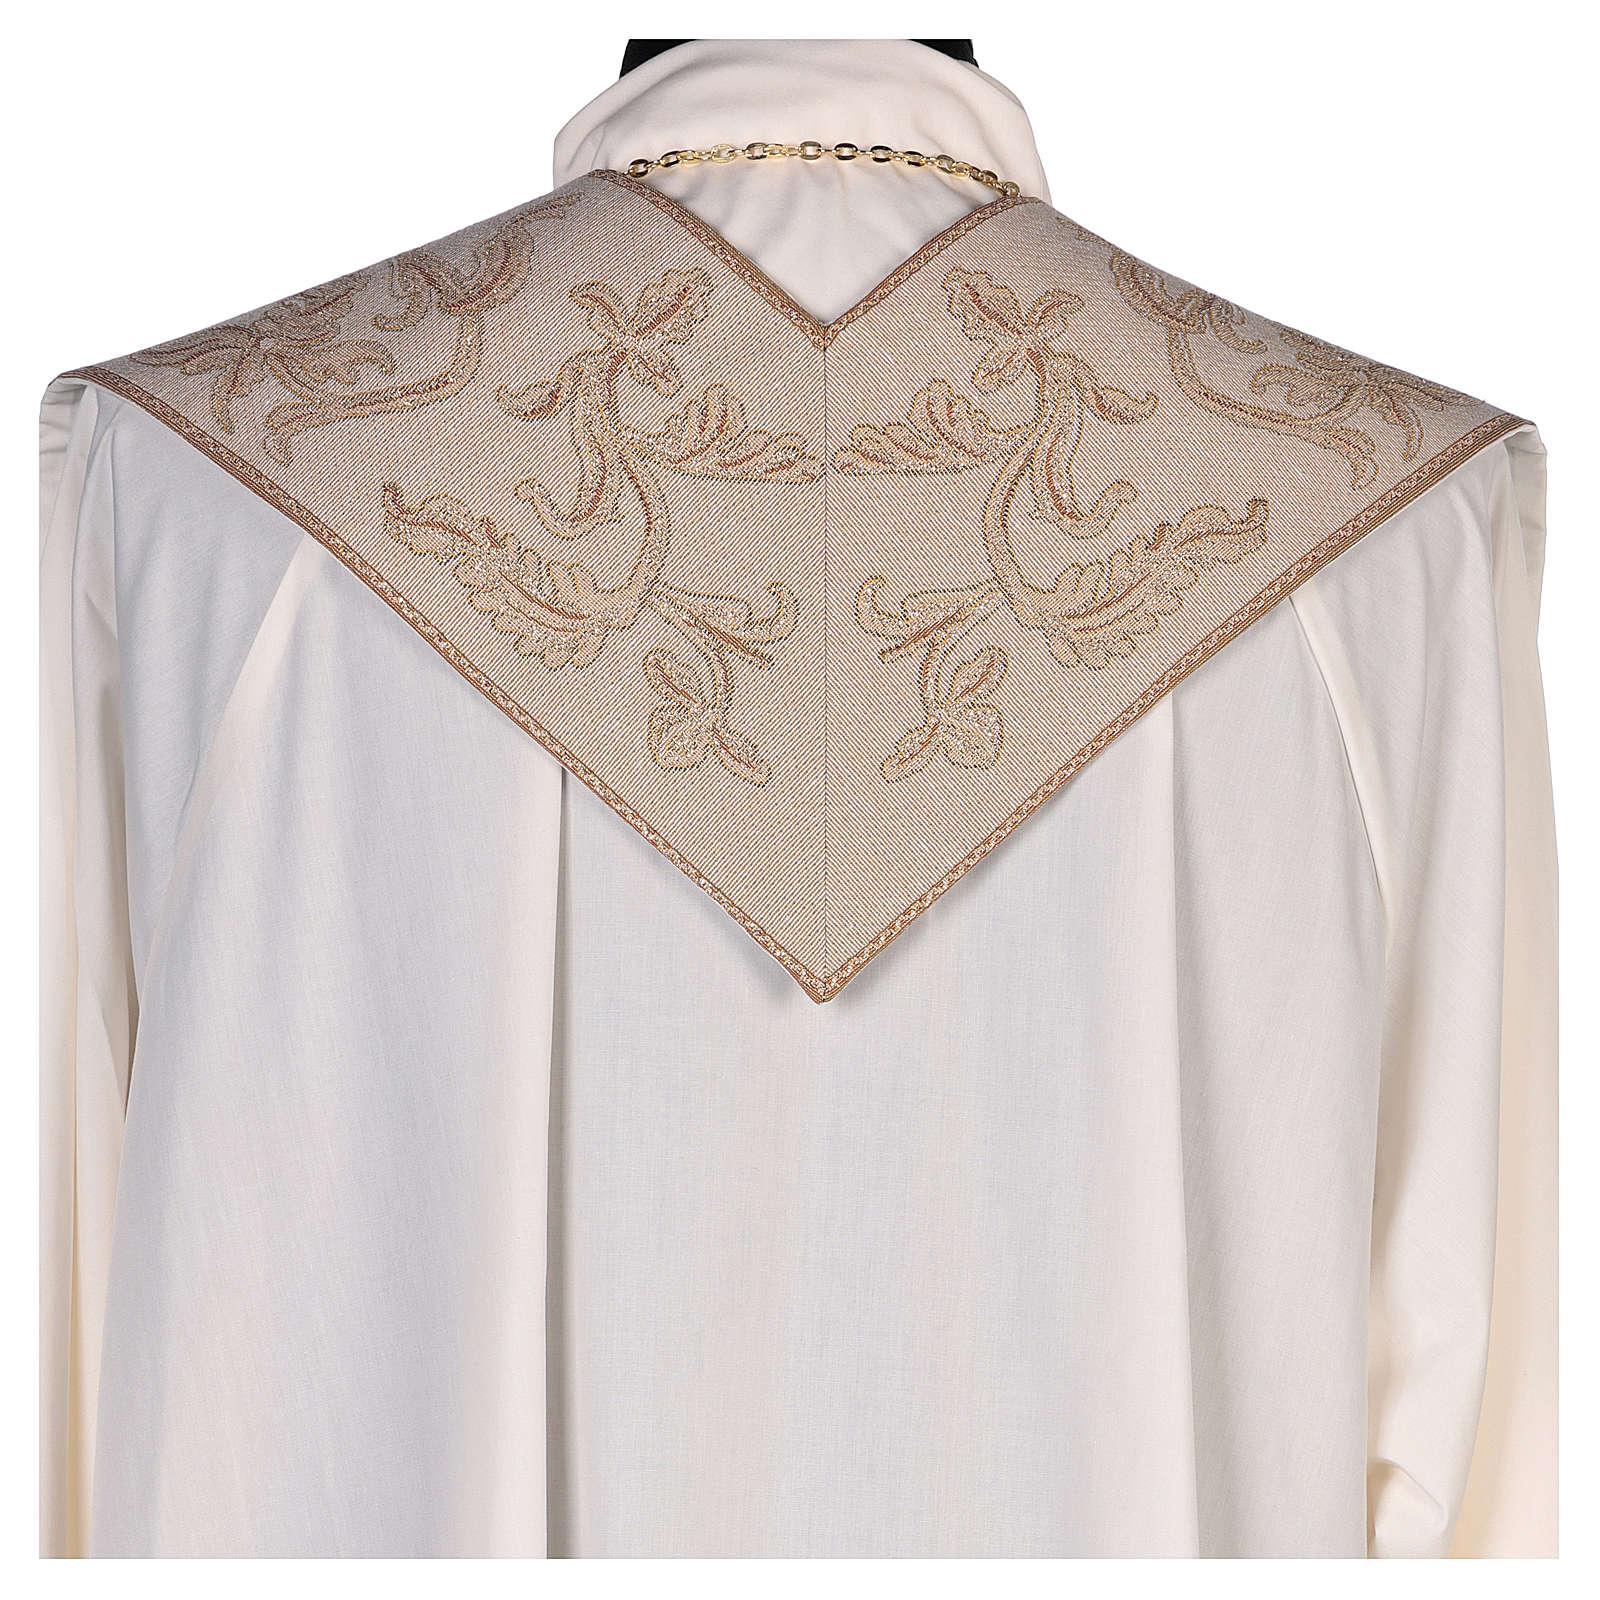 Étole lamé Anges adoration ostensoir agneau couleur ivoire 4